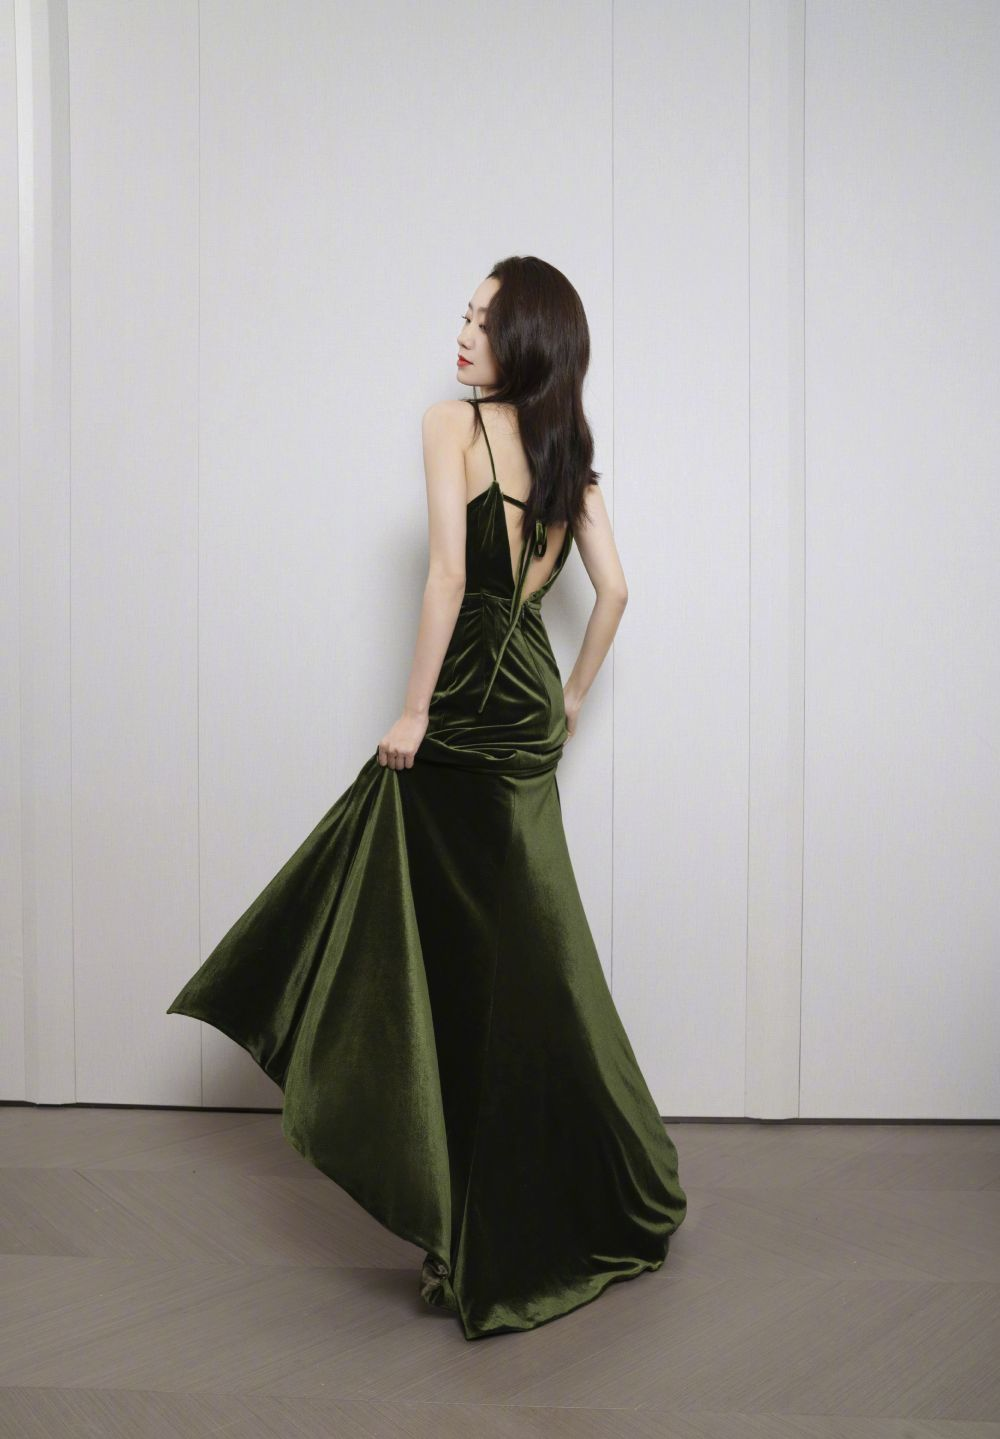 国产礼服惊艳芭莎夜,设计师来头不小,还有那破次元壁的故事